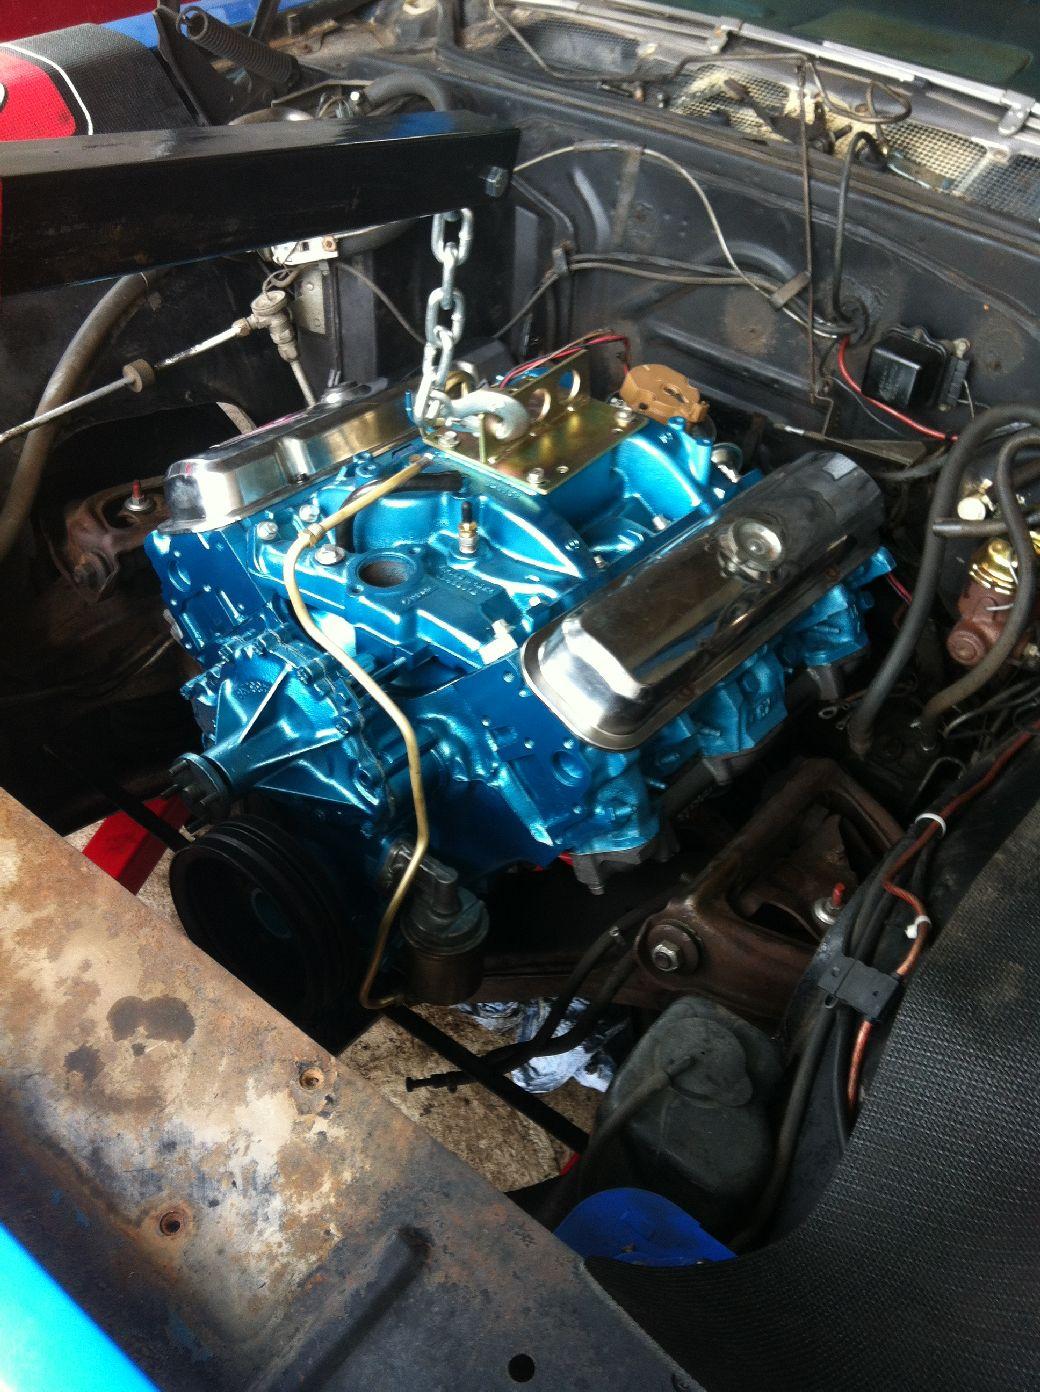 <p>Bevor der Ersatzmotor in den Pontiac kommt, werden erst alle Anschlüsse und Verbindungen geprüft. Die 10 Jahre jüngere Modellreihe hat einige Unterschiede die sich beim Umbau deutlich zeigen.</p>